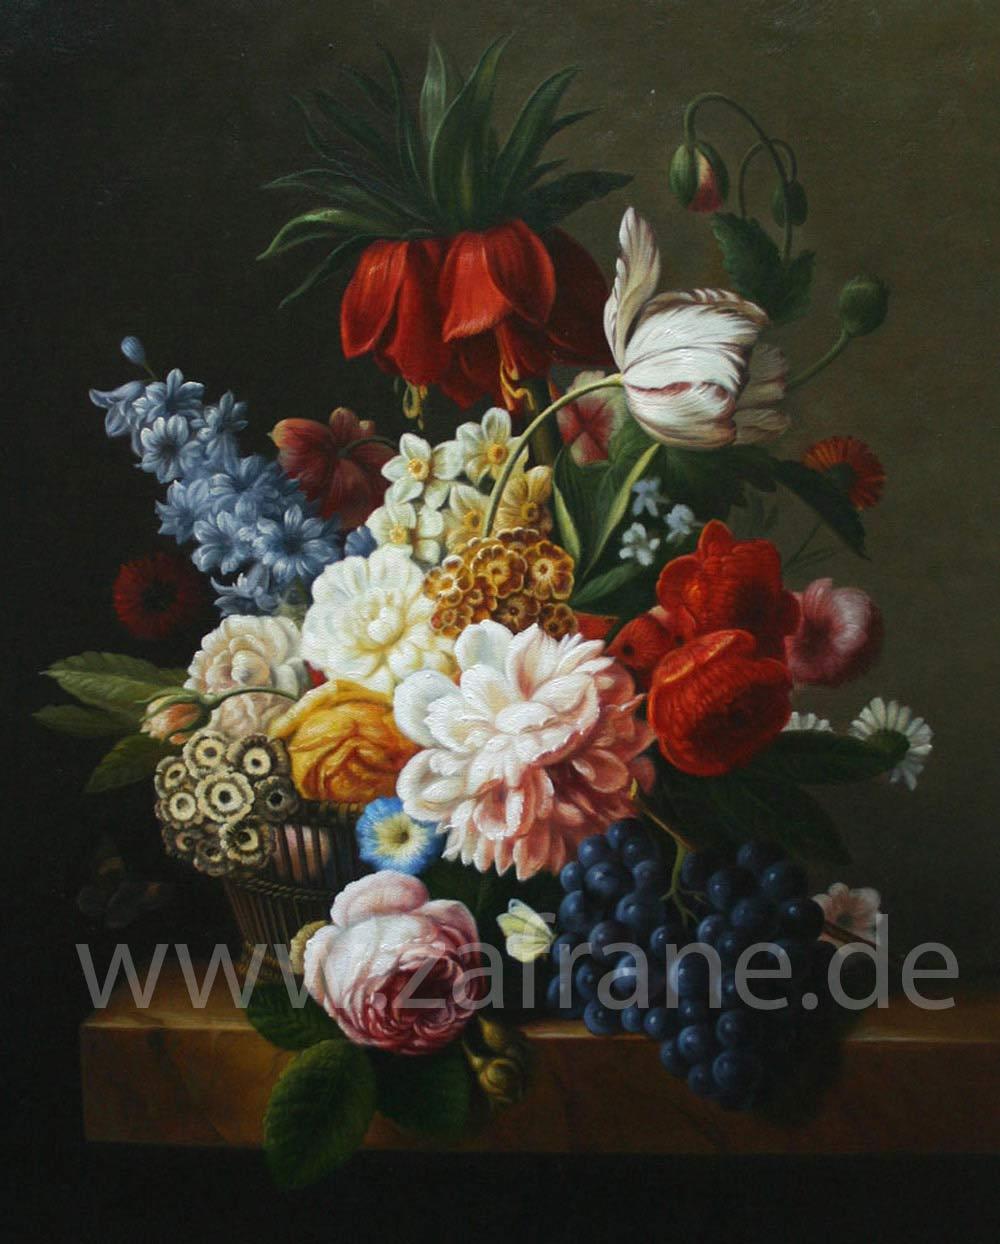 Blumengemälde in Öl auf Leinwand